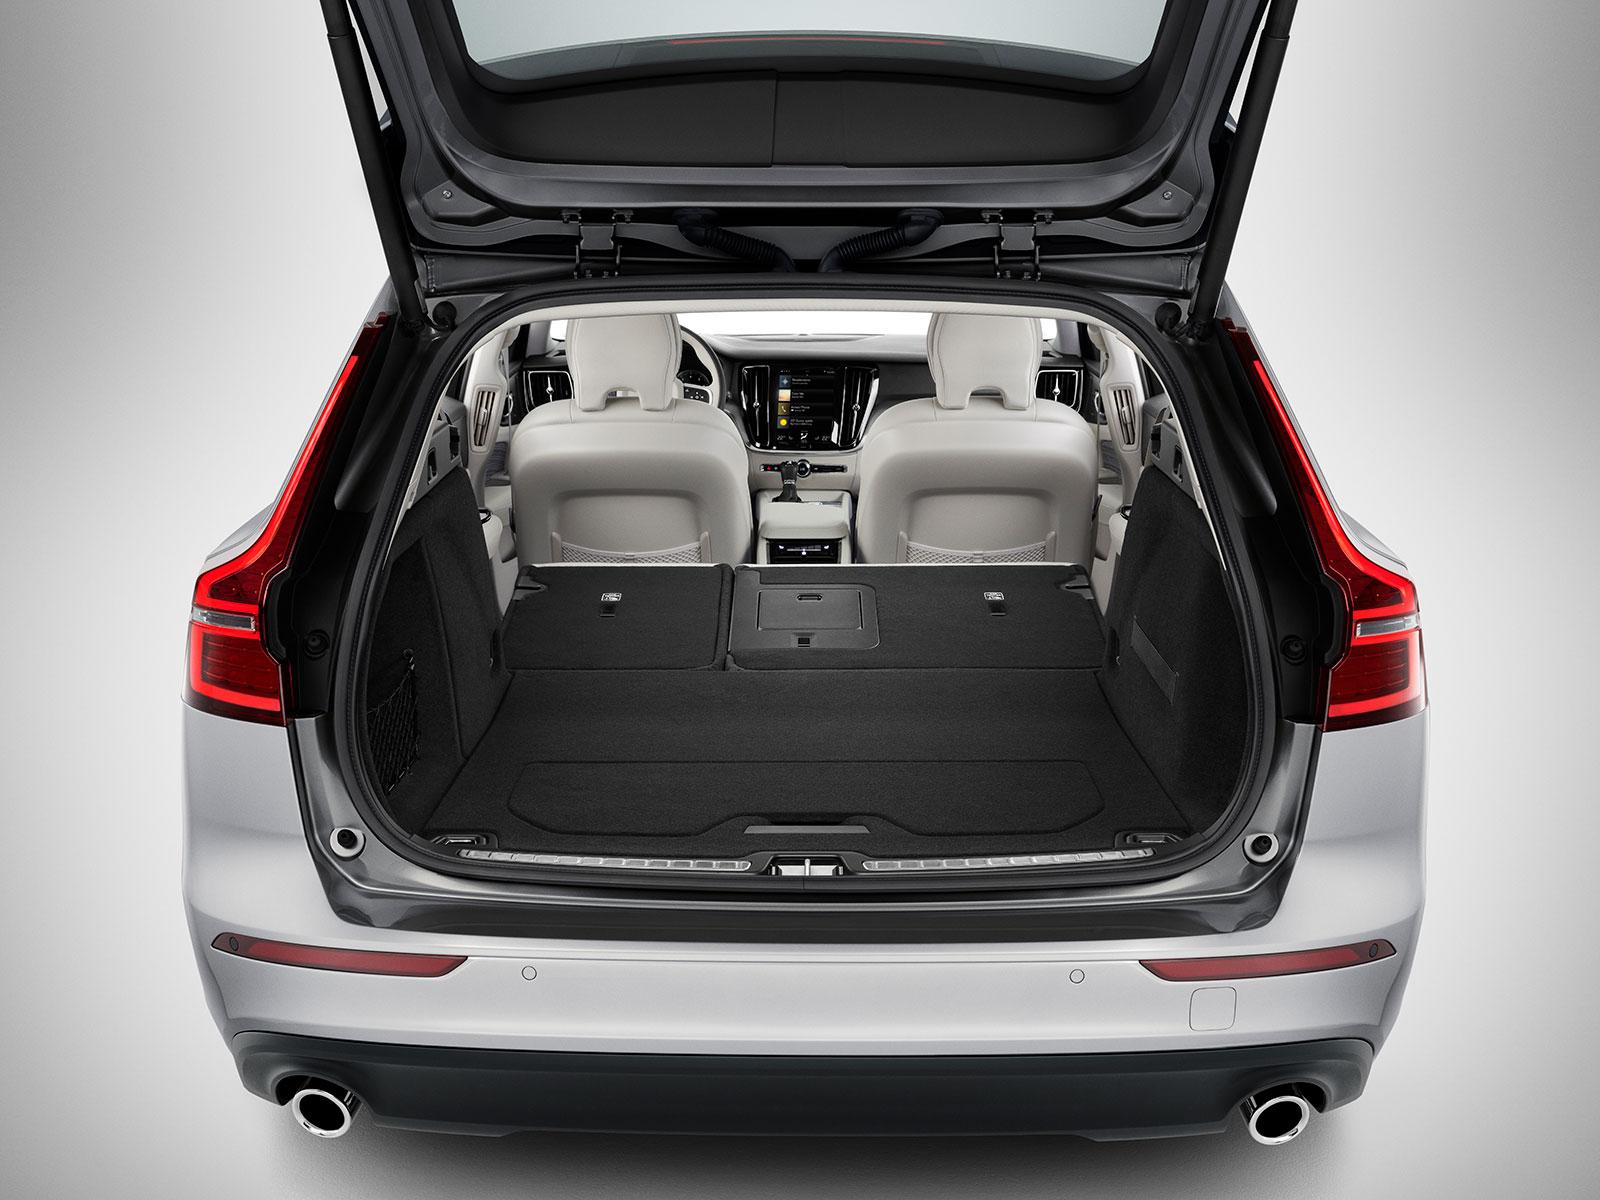 New-V60-interior-18 – AutoGuru.at